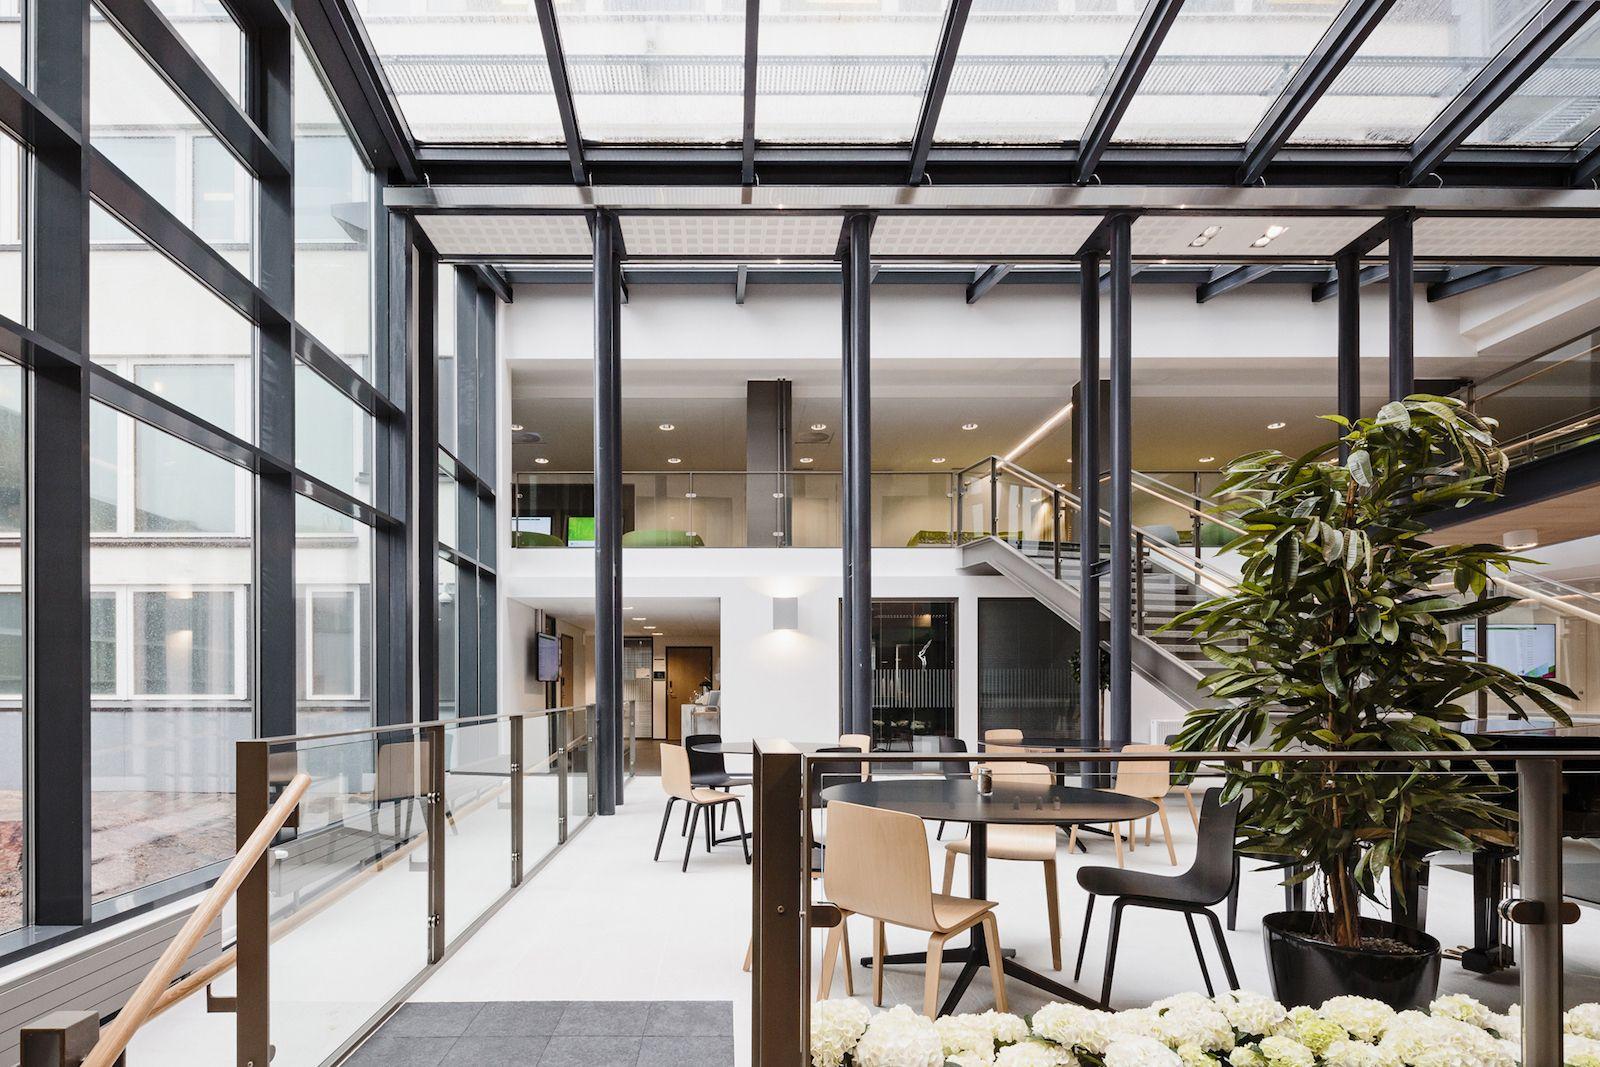 Terveyden ja hyvinvoinnin laitos — Workspace